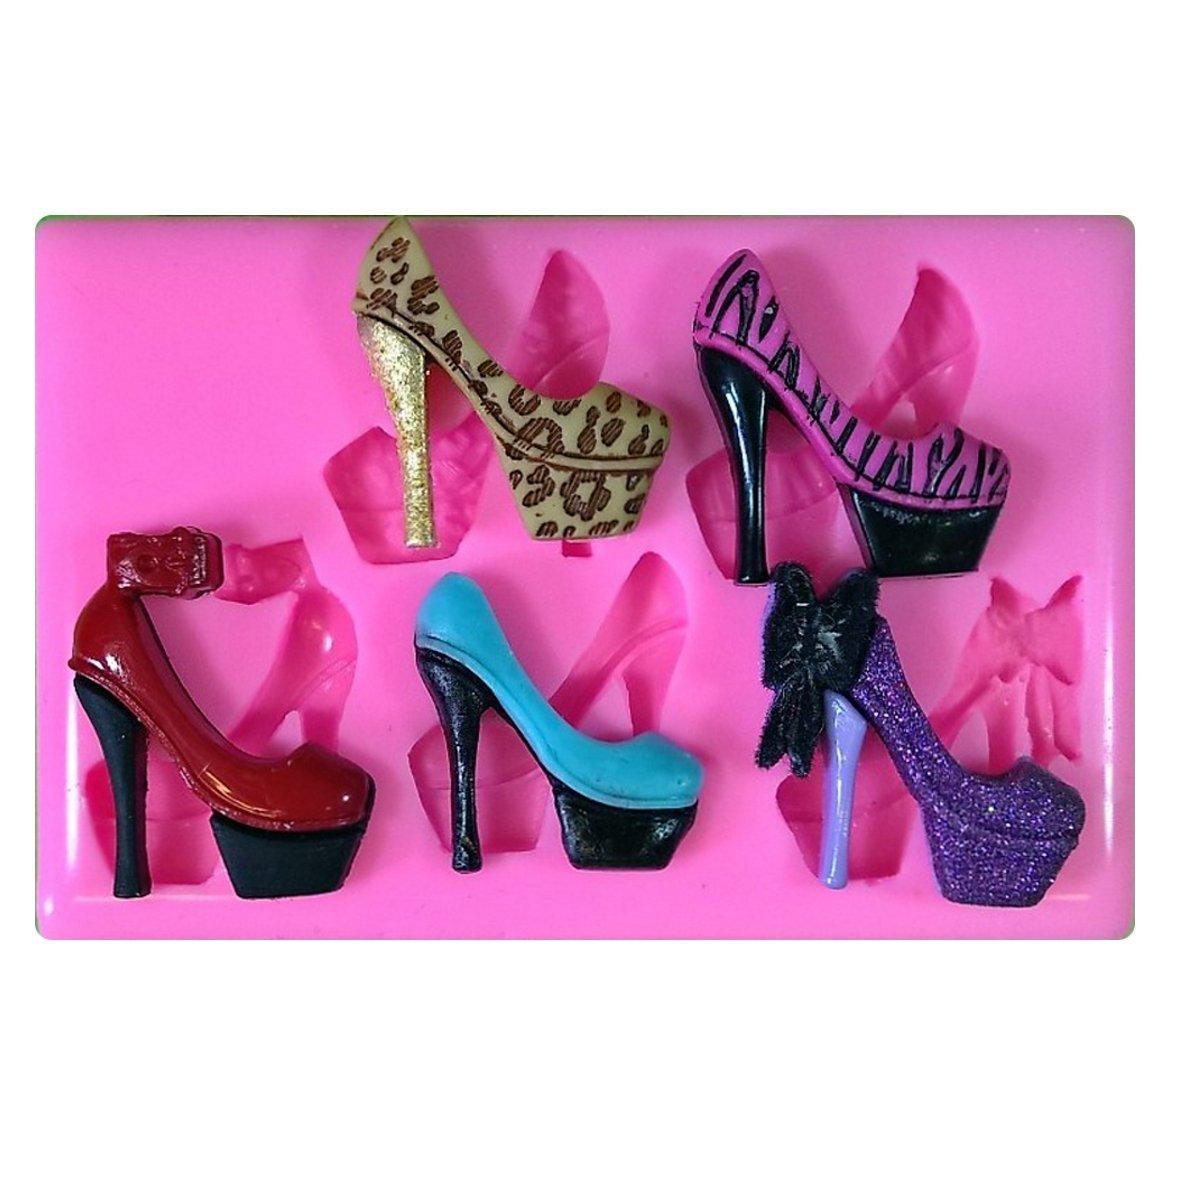 Zapatos de tacón alto atractivo impresionante Molde de silicona ...